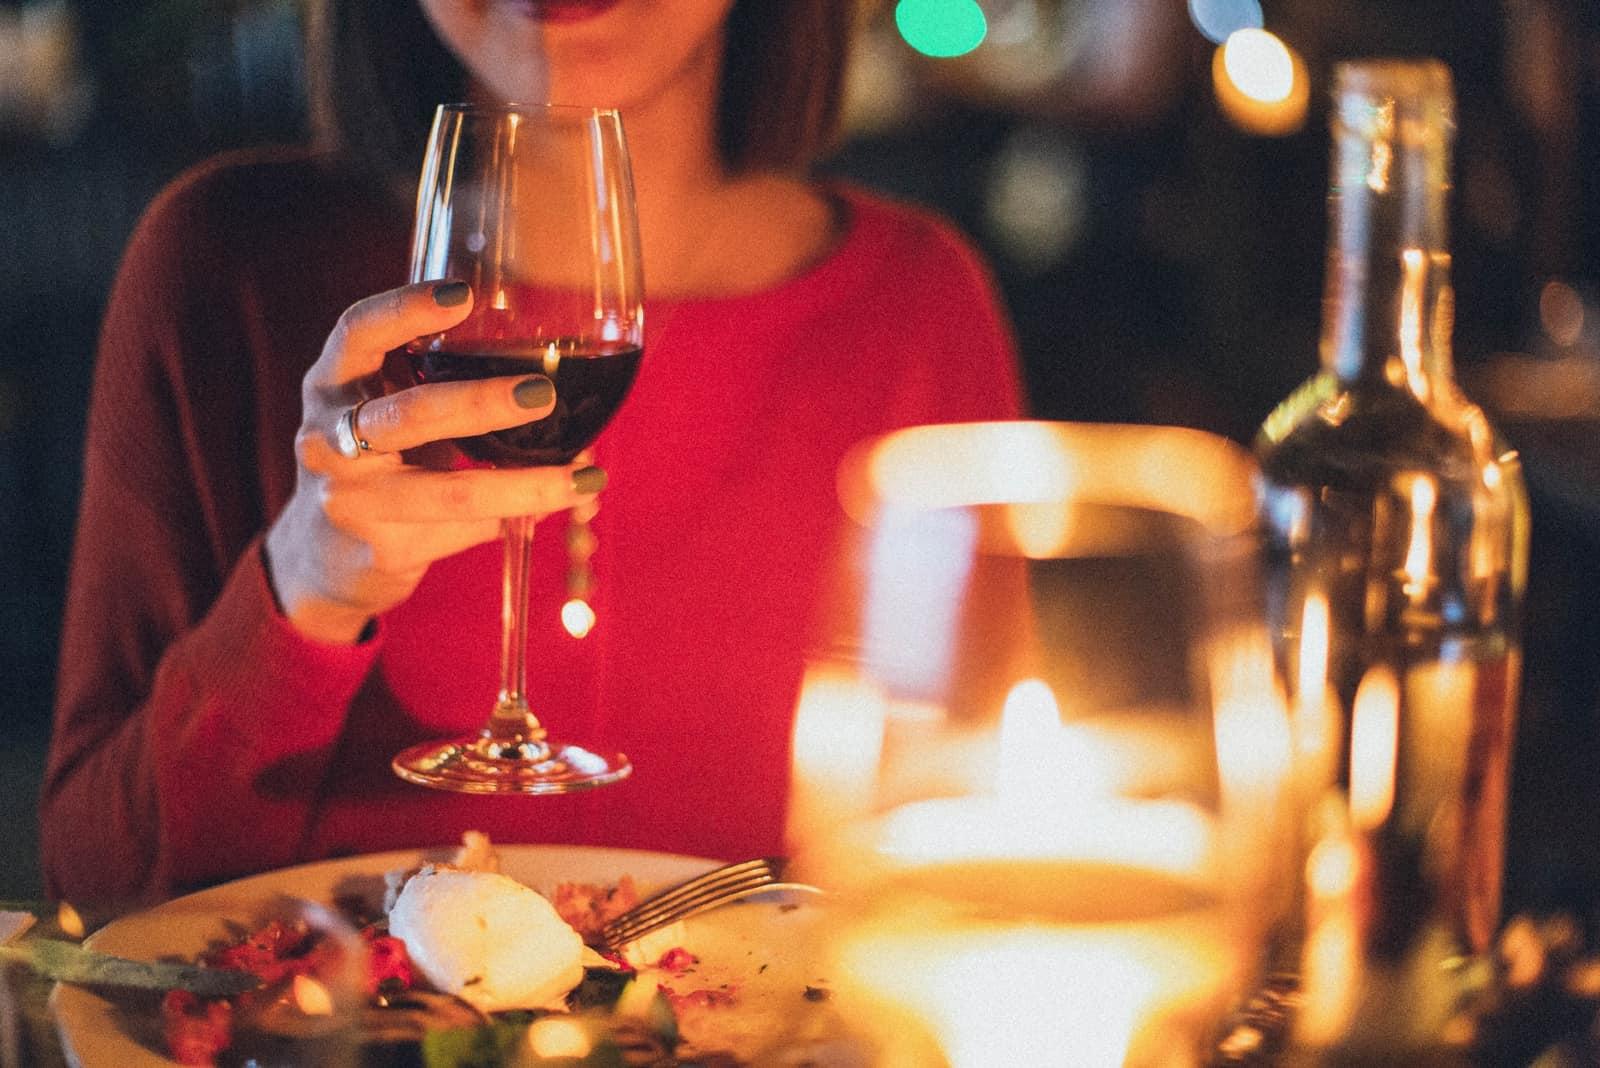 femme tenue verre vin quoique séance table